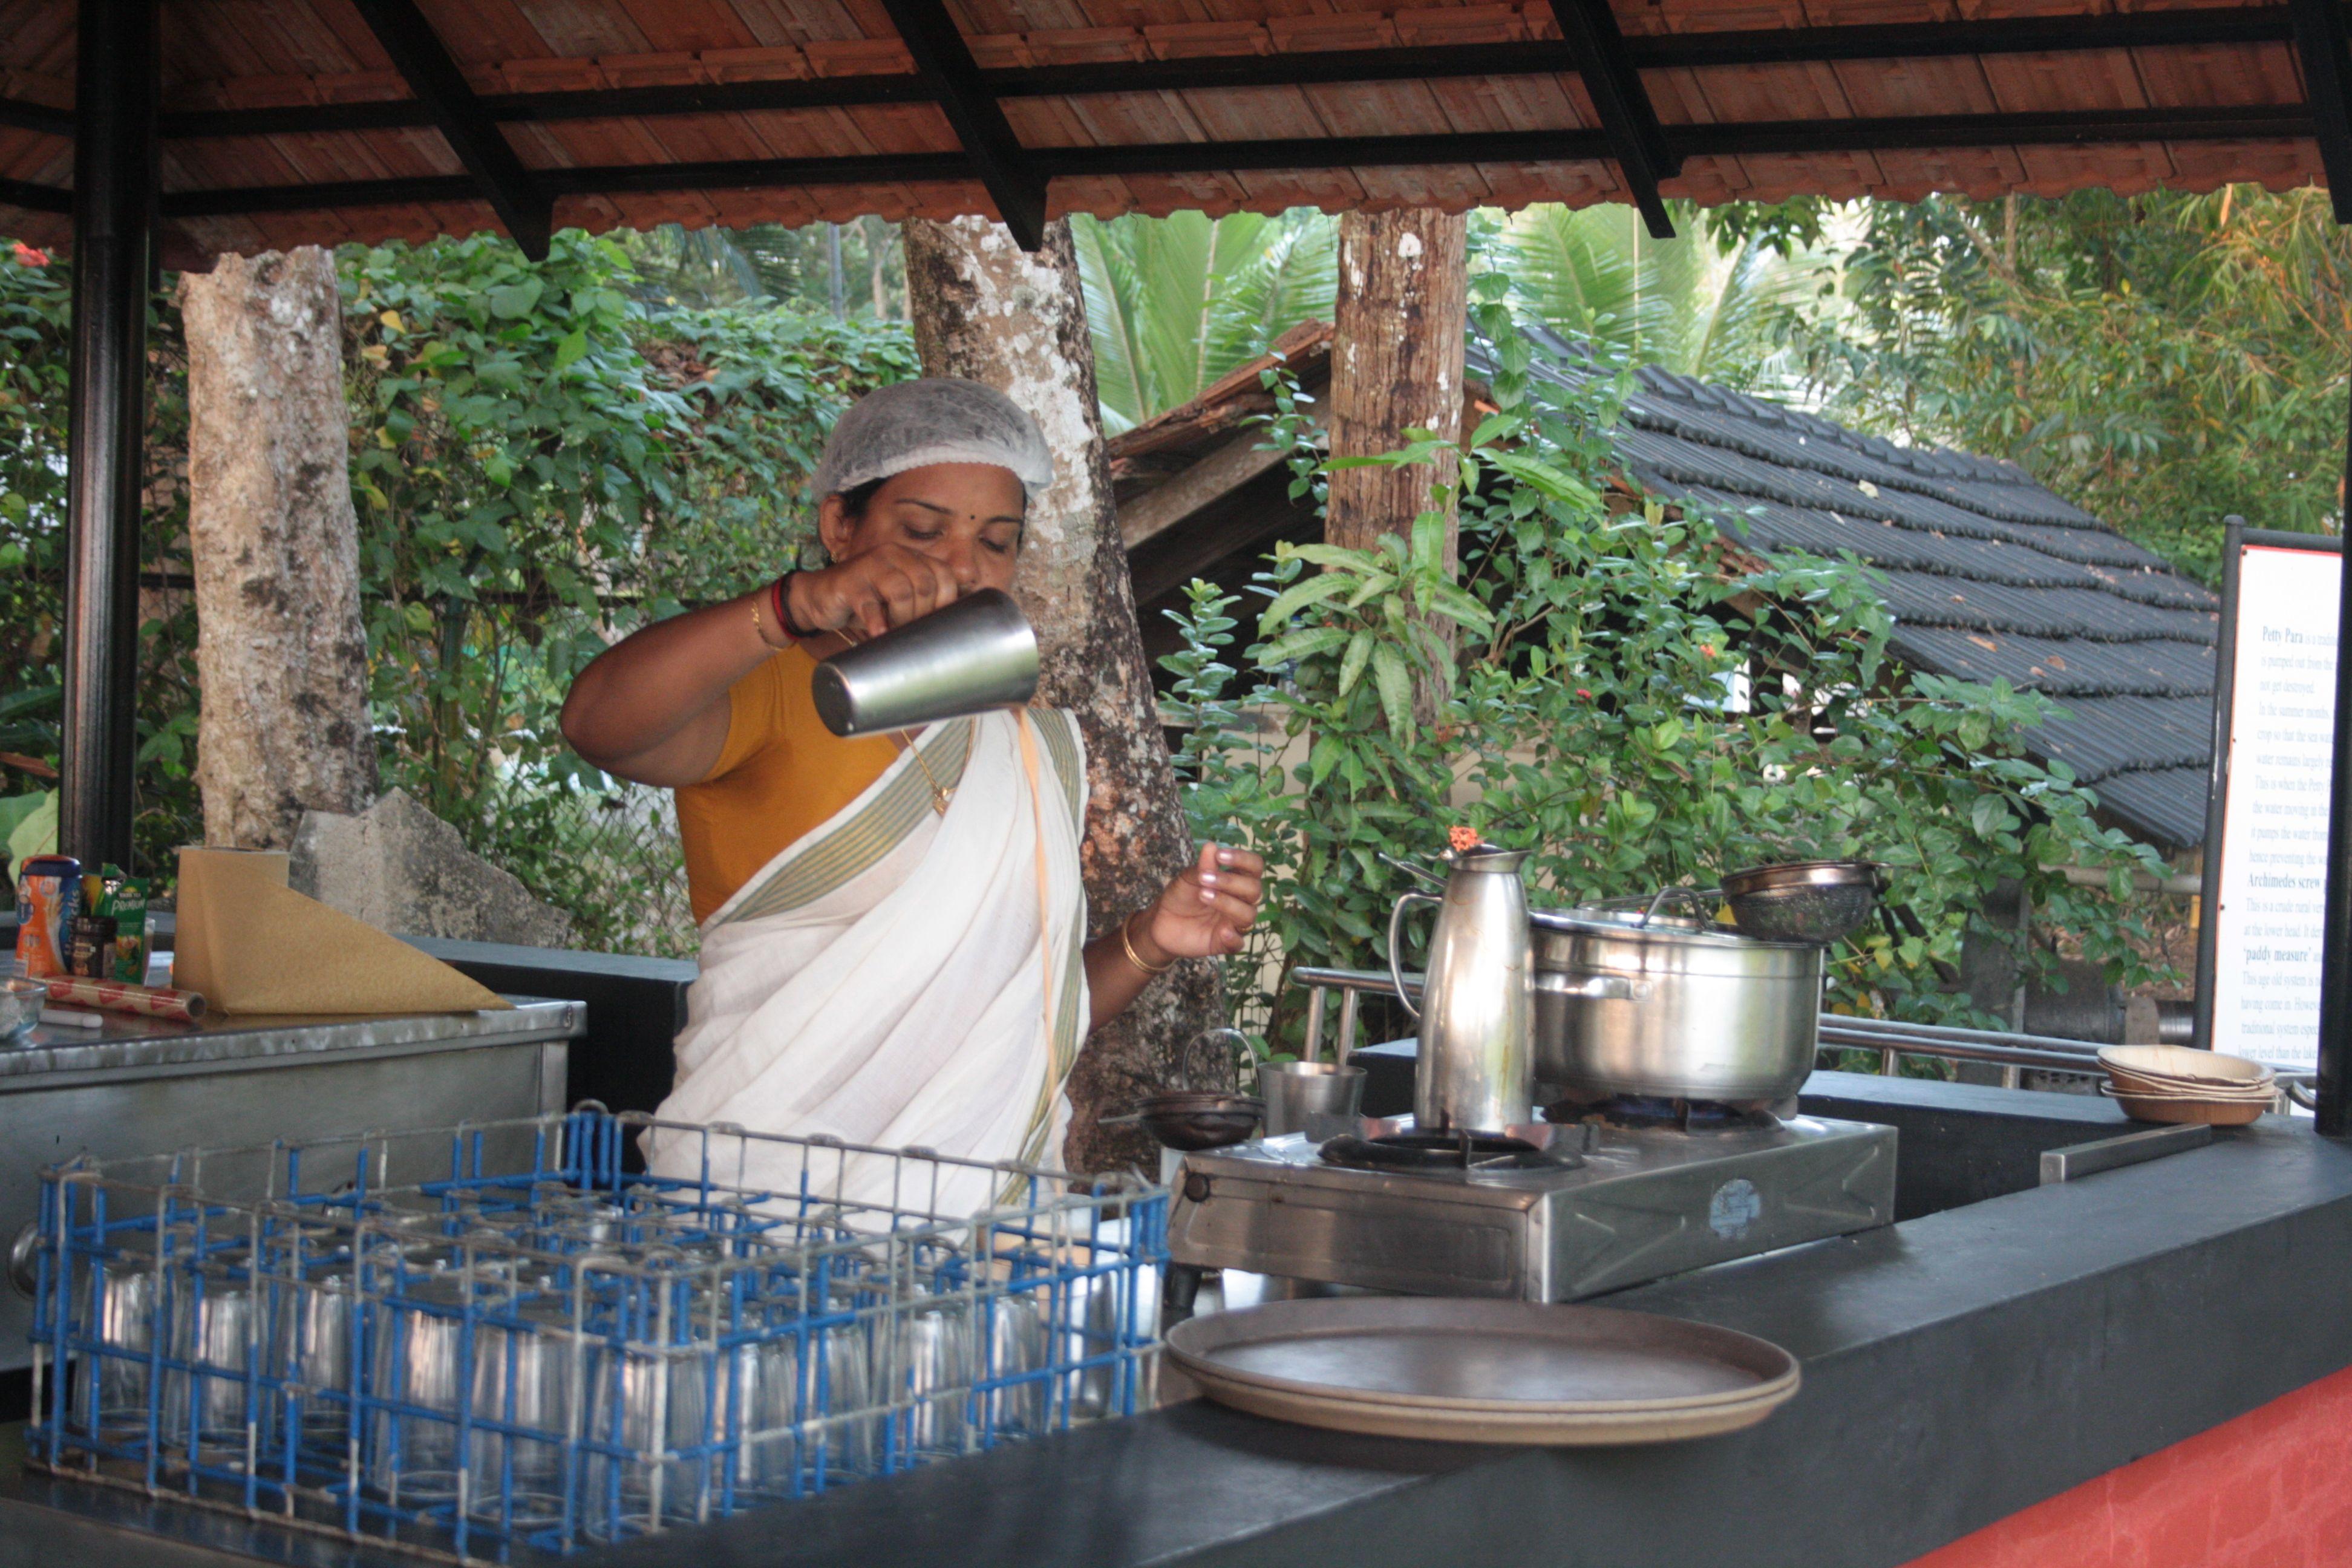 Meter Chai at Kerala Chaikada..